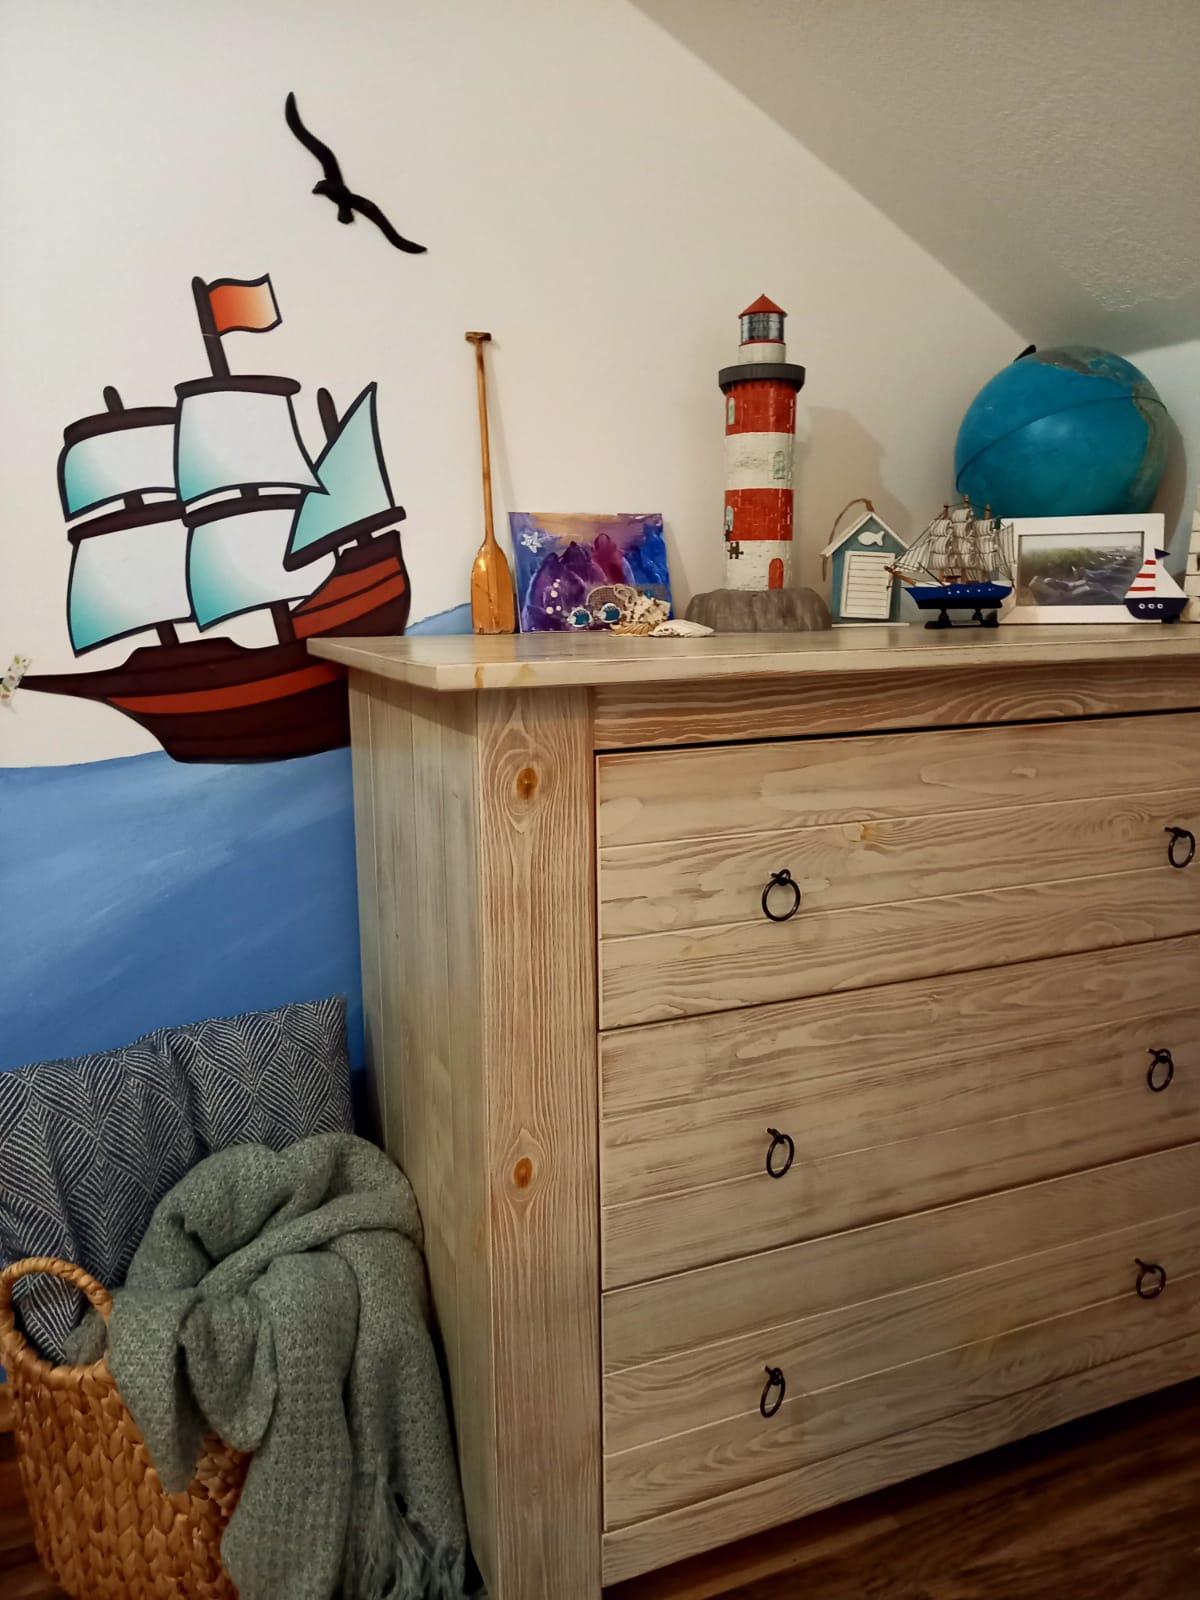 Zo zeleného domu - Zatiaľ spoločná izba mojich námorníkov - objaviteľov, 😁 kým sa tolerujú🙃